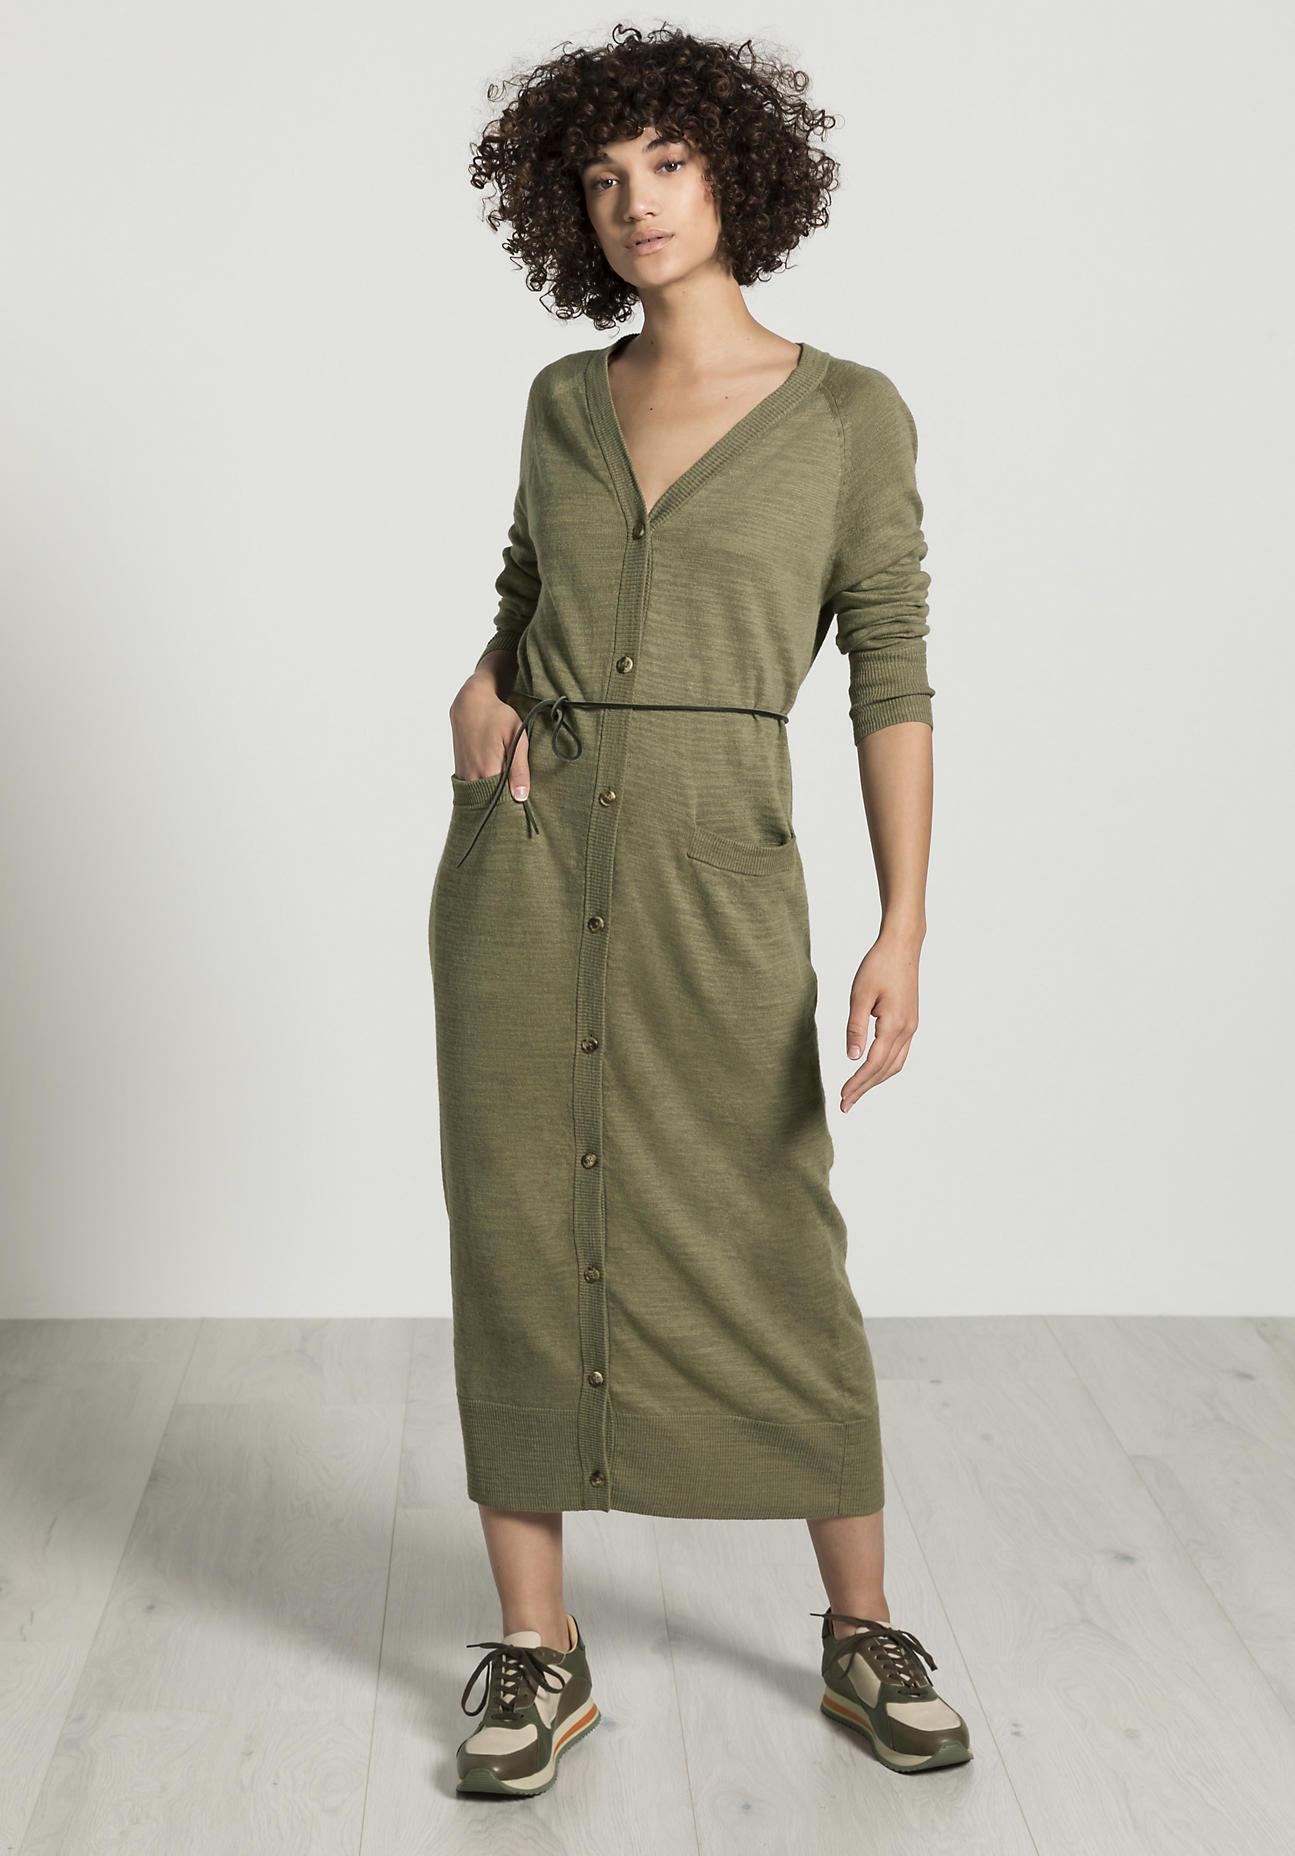 hessnatur Damen Strickmantel aus Leinen mit Bio-Baumwolle - grün Größe 42